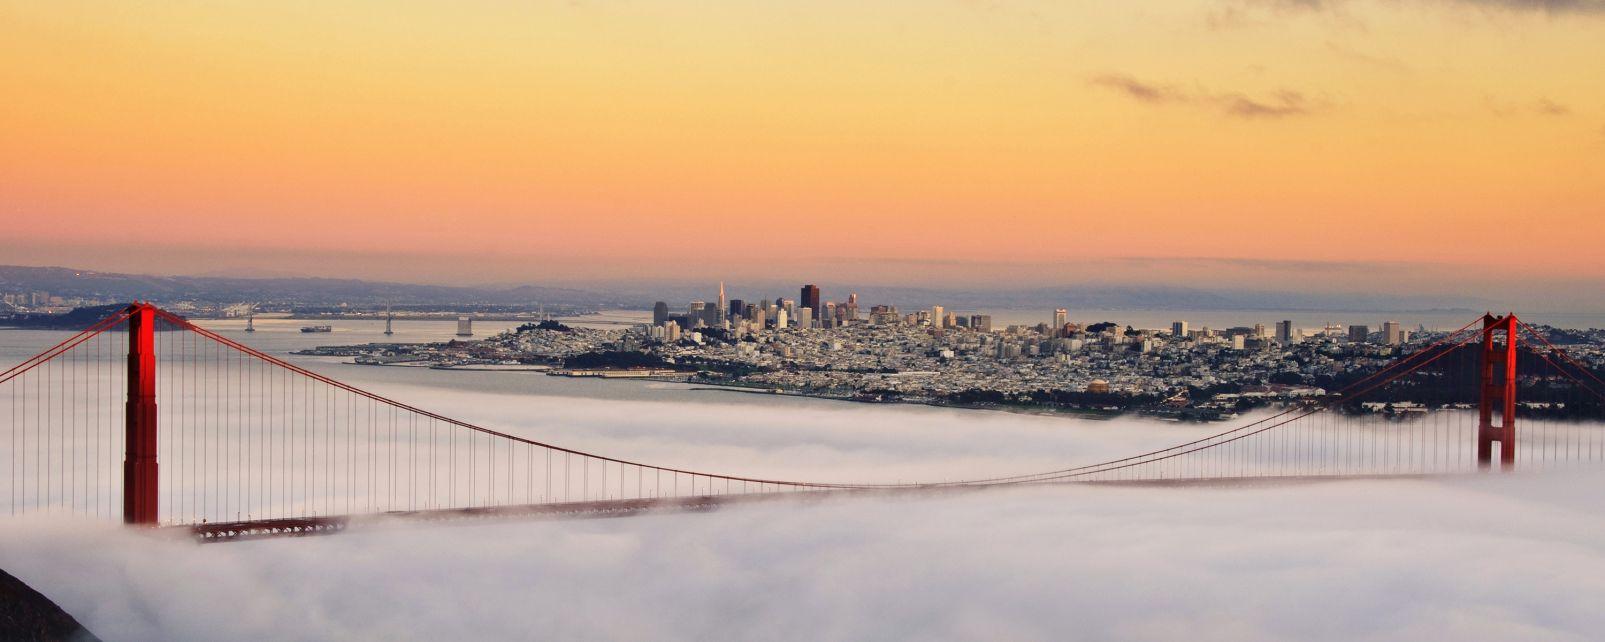 Oakland, California, Stati Uniti